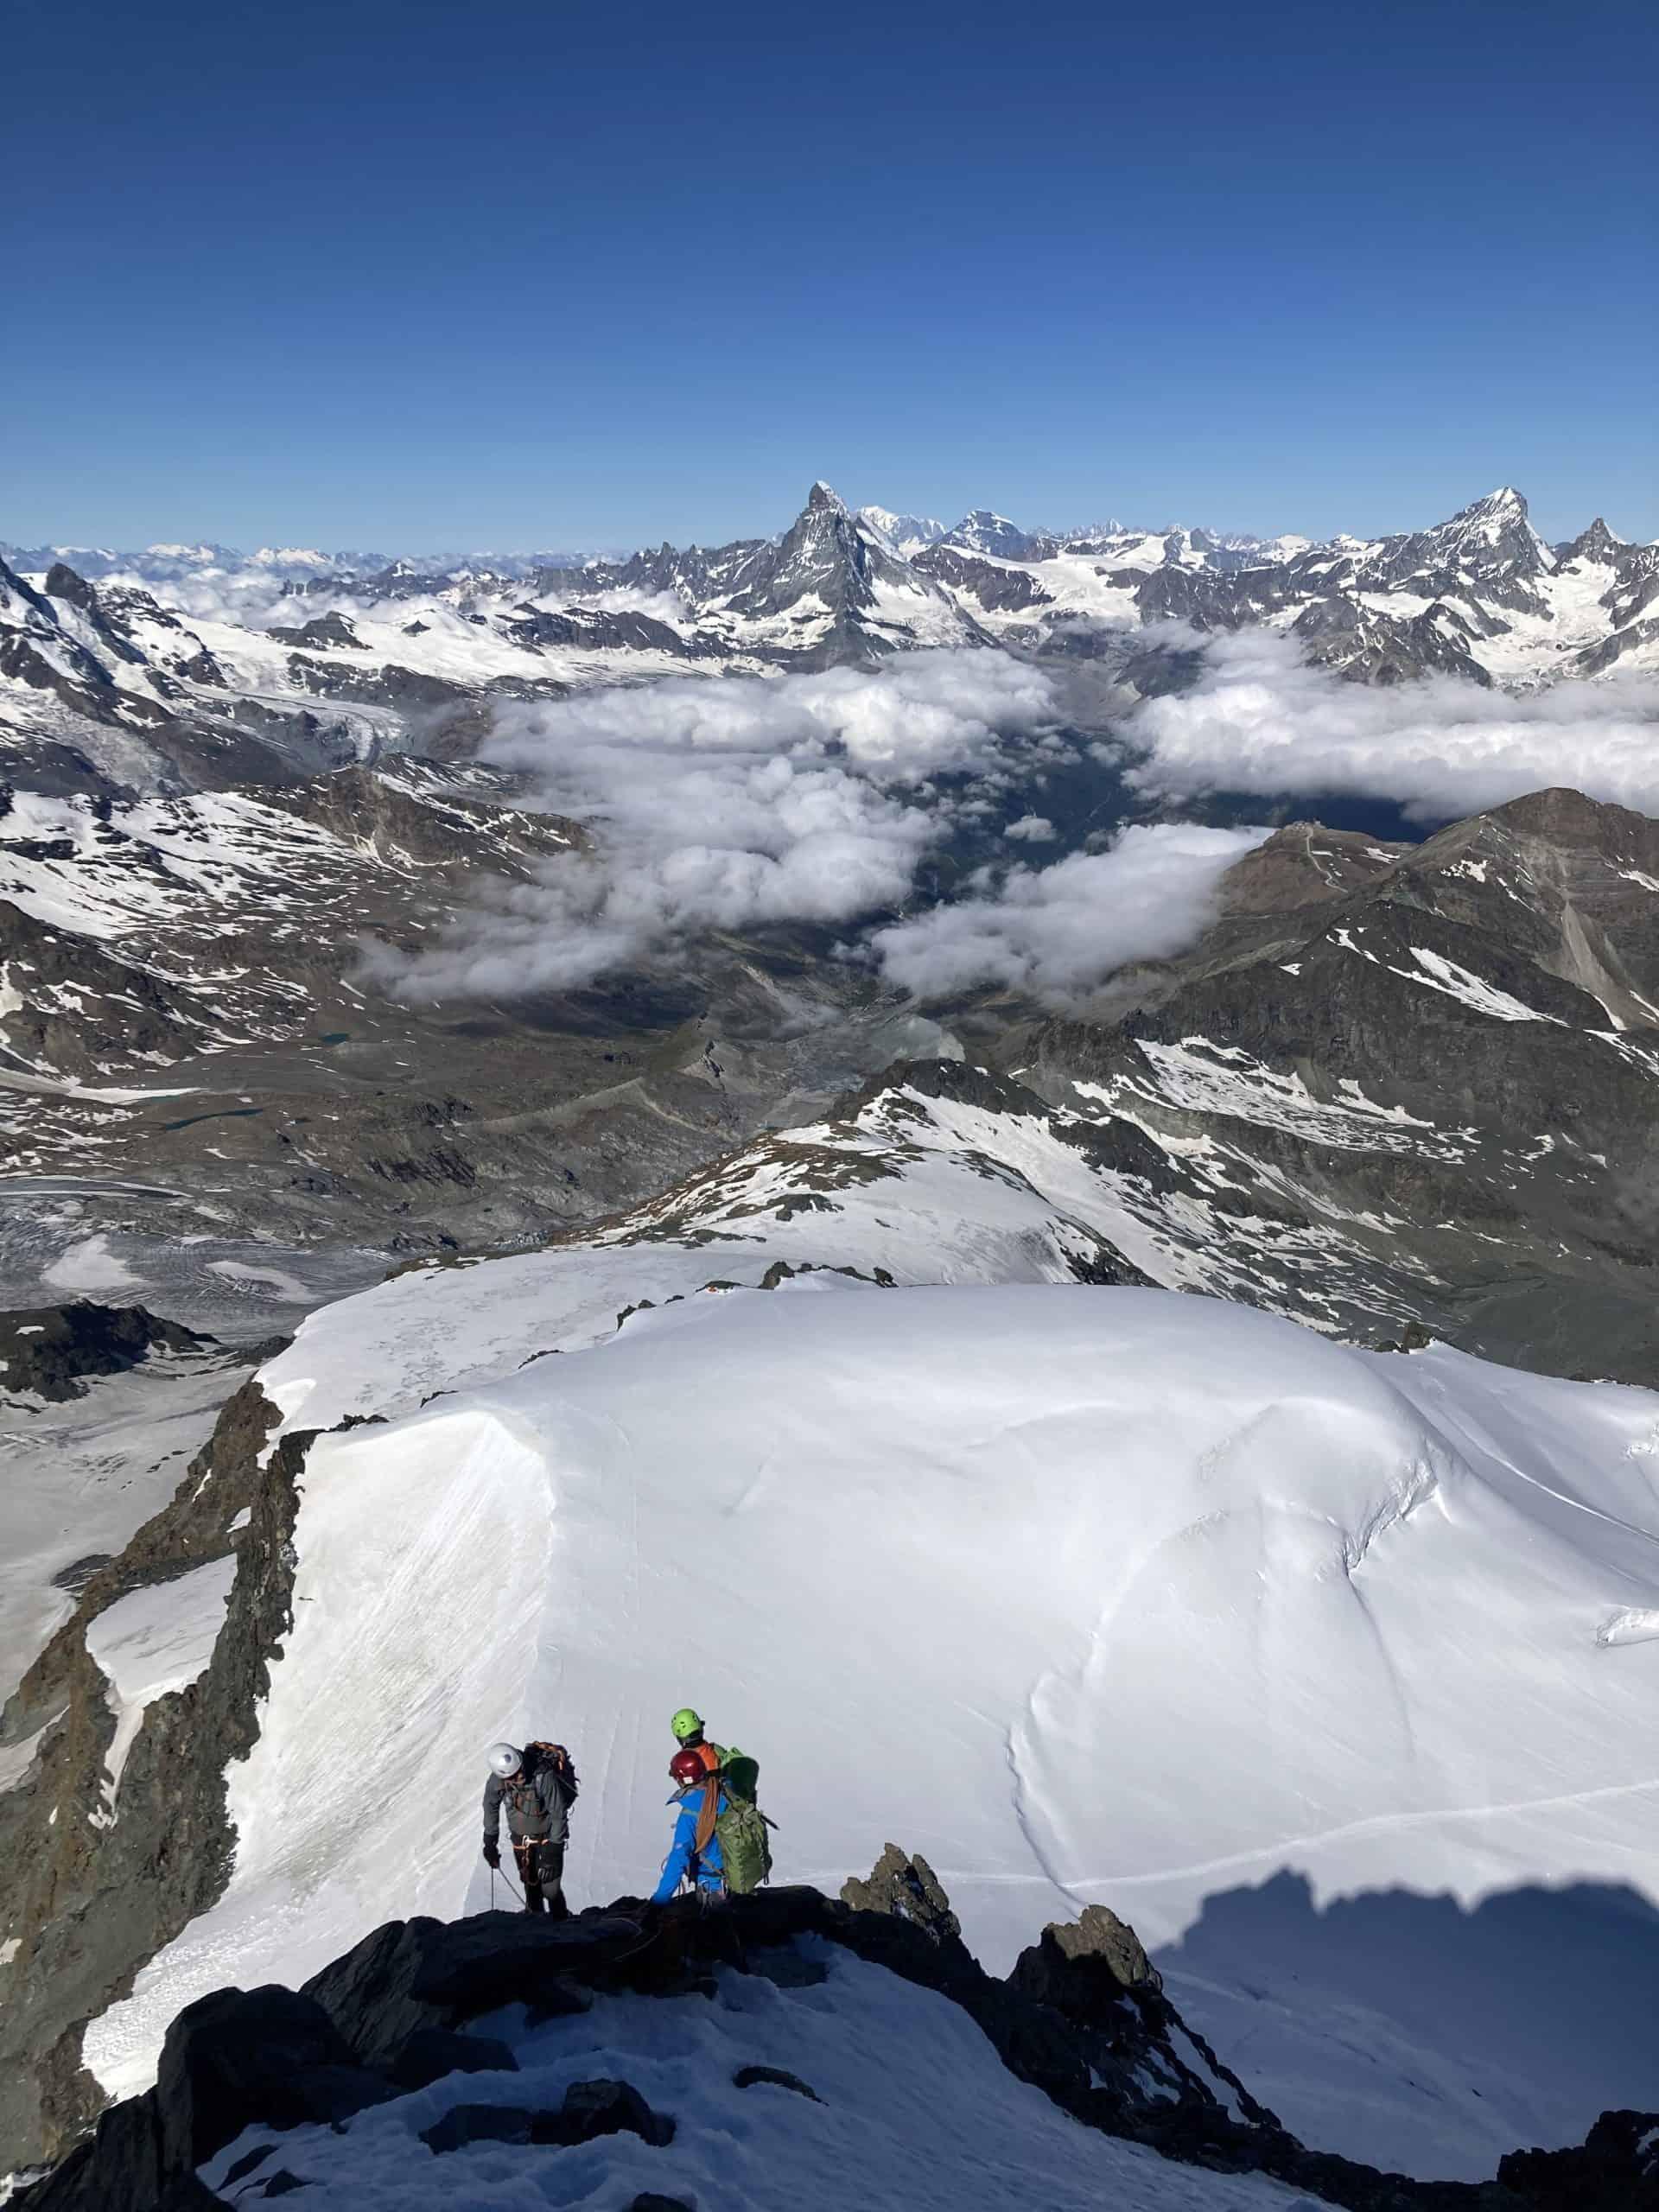 IMG 5831 scaled - Rimpfischhorn - viele Wege zum Ziel?!